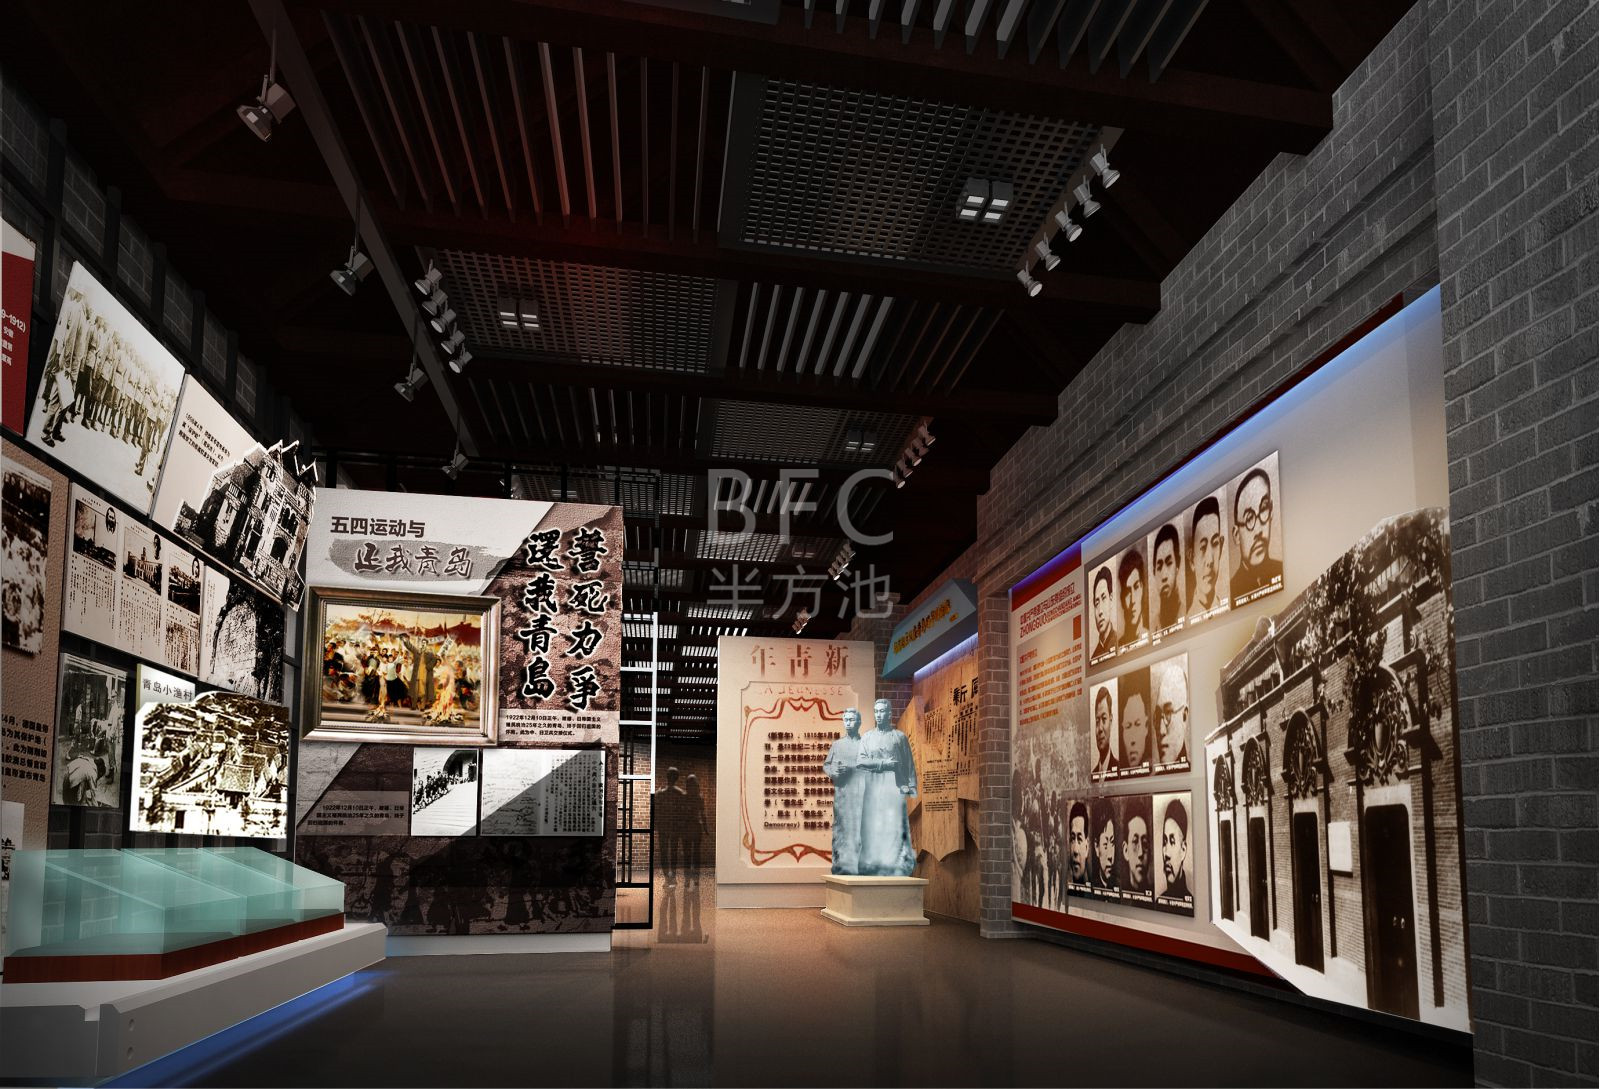 清风廉政文化教育馆展厅设计的内容规划及设计理念